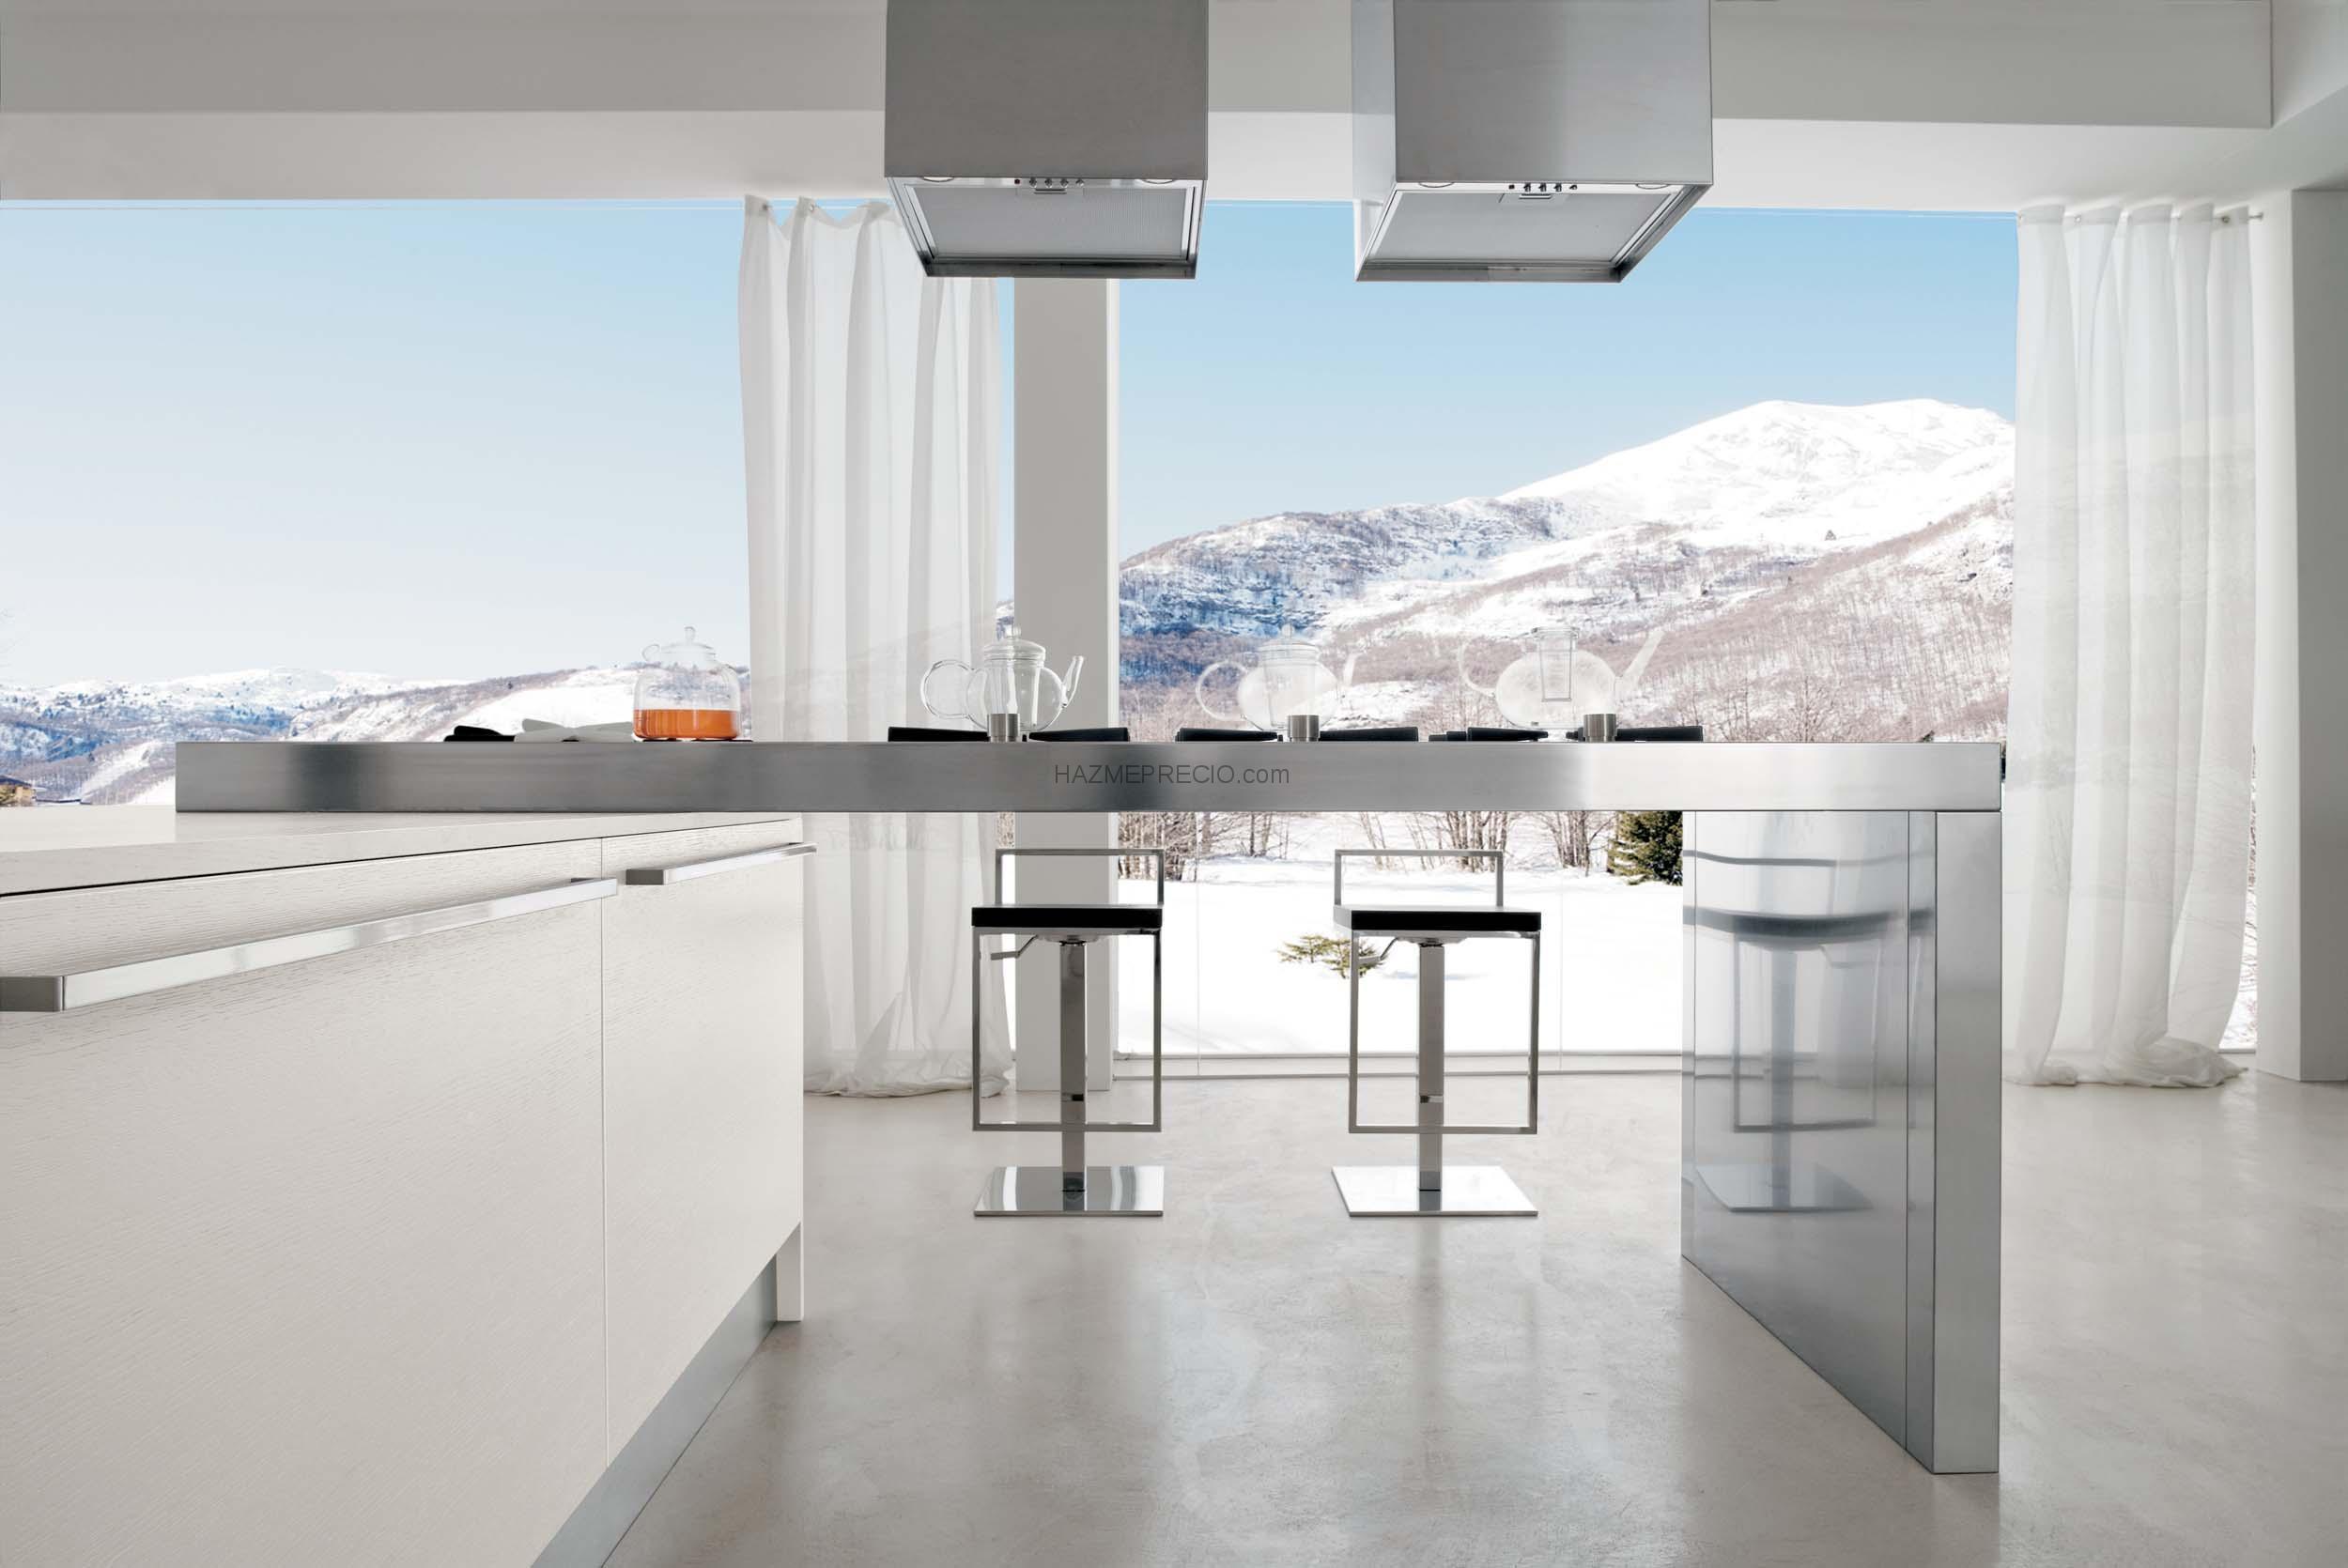 Empresas de muebles de cocina a medida en barcelona for Empresas de muebles de cocina